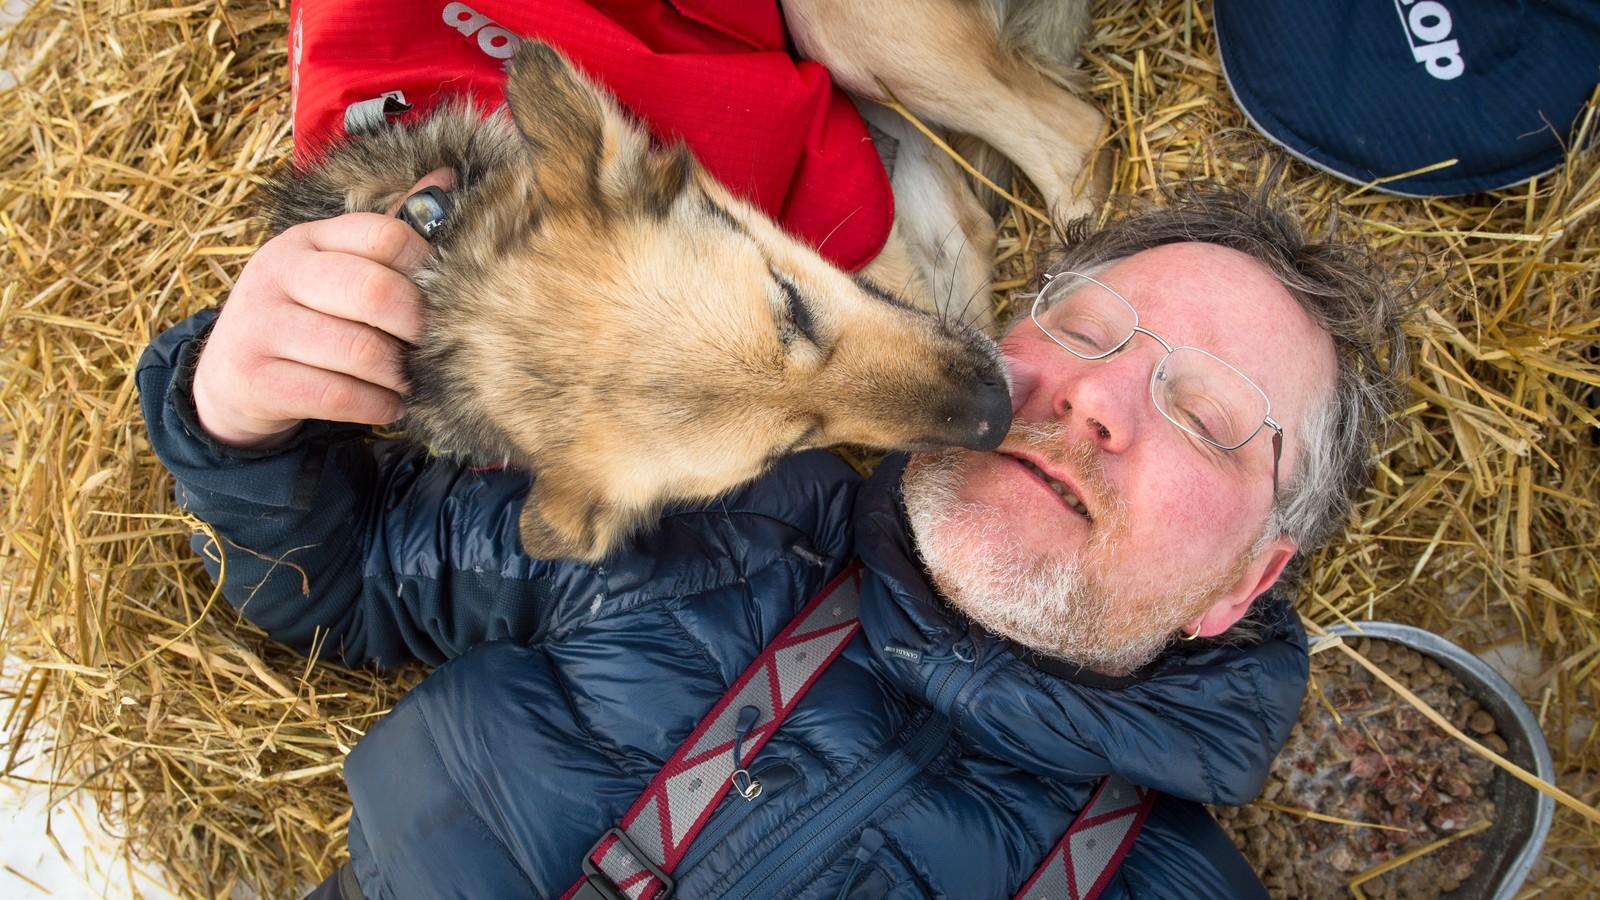 Han har vært fast inventar på Finnmarksløpet i mer enn 15 år, og har kjørt verdens lengste hundeløp Iditarod. Dag Torulf Olsen fra Hammerfest kjører sitt aller siste Finnmarksløp i år.